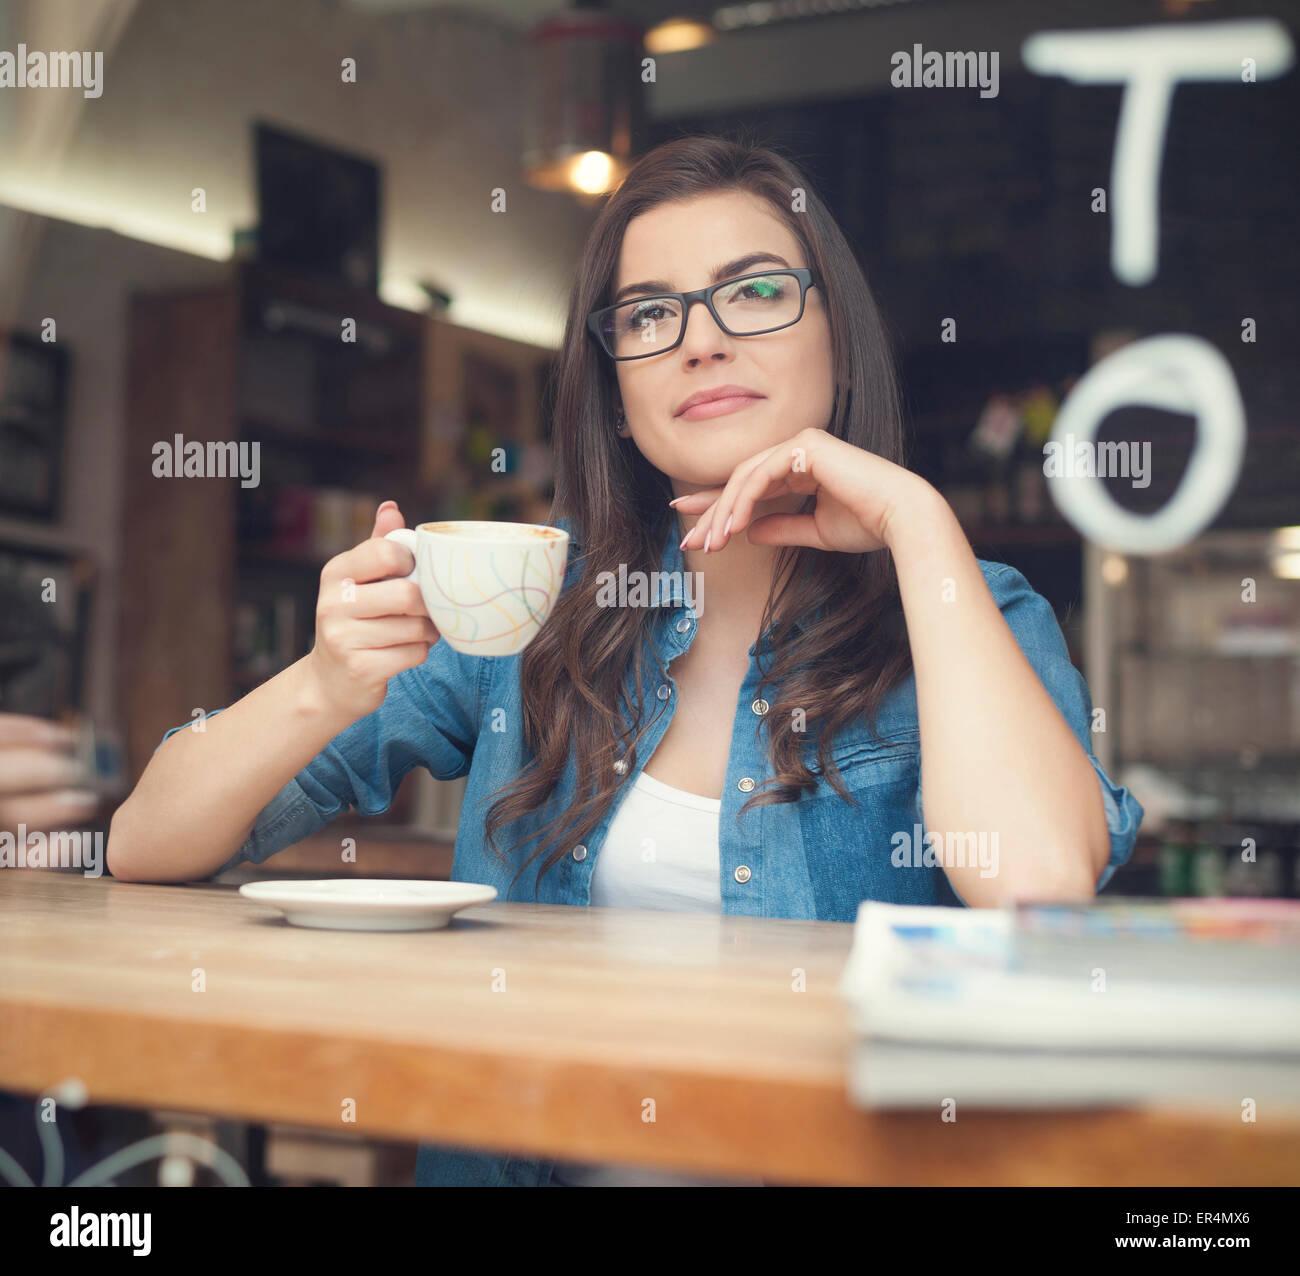 Ritratto di donna bella di bere il caffè al caffè. Cracovia in Polonia Immagini Stock